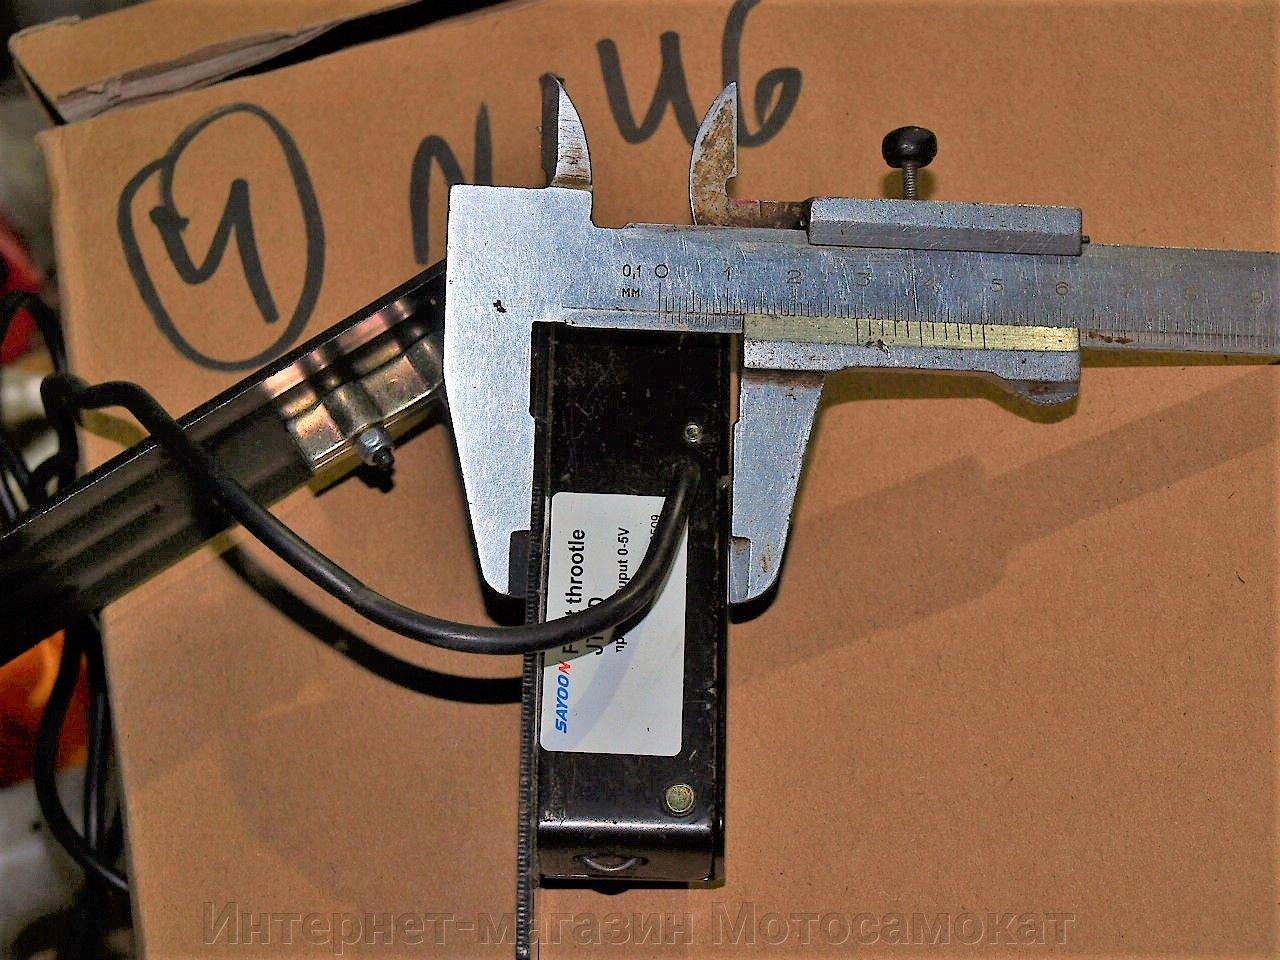 Напольная педаль управления мощностью для электромобиля - фото Напольная педаль управления мощностью для электромобиля.